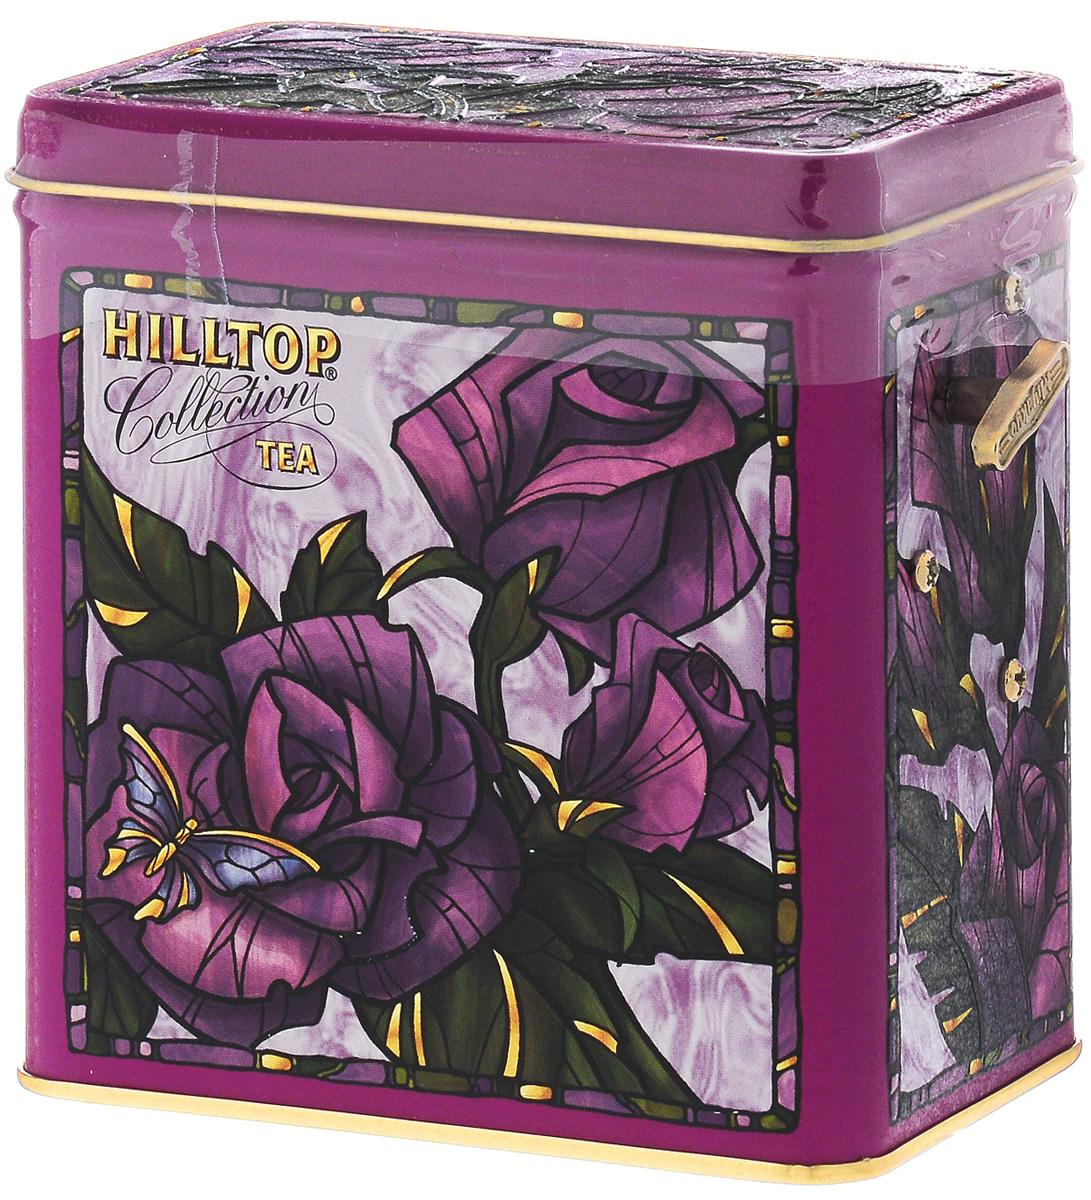 Hilltop Розы 1001 Ночь набор зеленого и черного листового чая в музыкальной шкатулке, 125 г0120710Hilltop Розы - смесь чёрных и зелёных байховых чаев с добавлением лепестков розы, жасмина, подсолнечника и сафлора, ароматизированная натуральными маслами. Оригинальная упаковка в виде музыкальной шкатулки будет великолепно смотреться на семейном застолье.